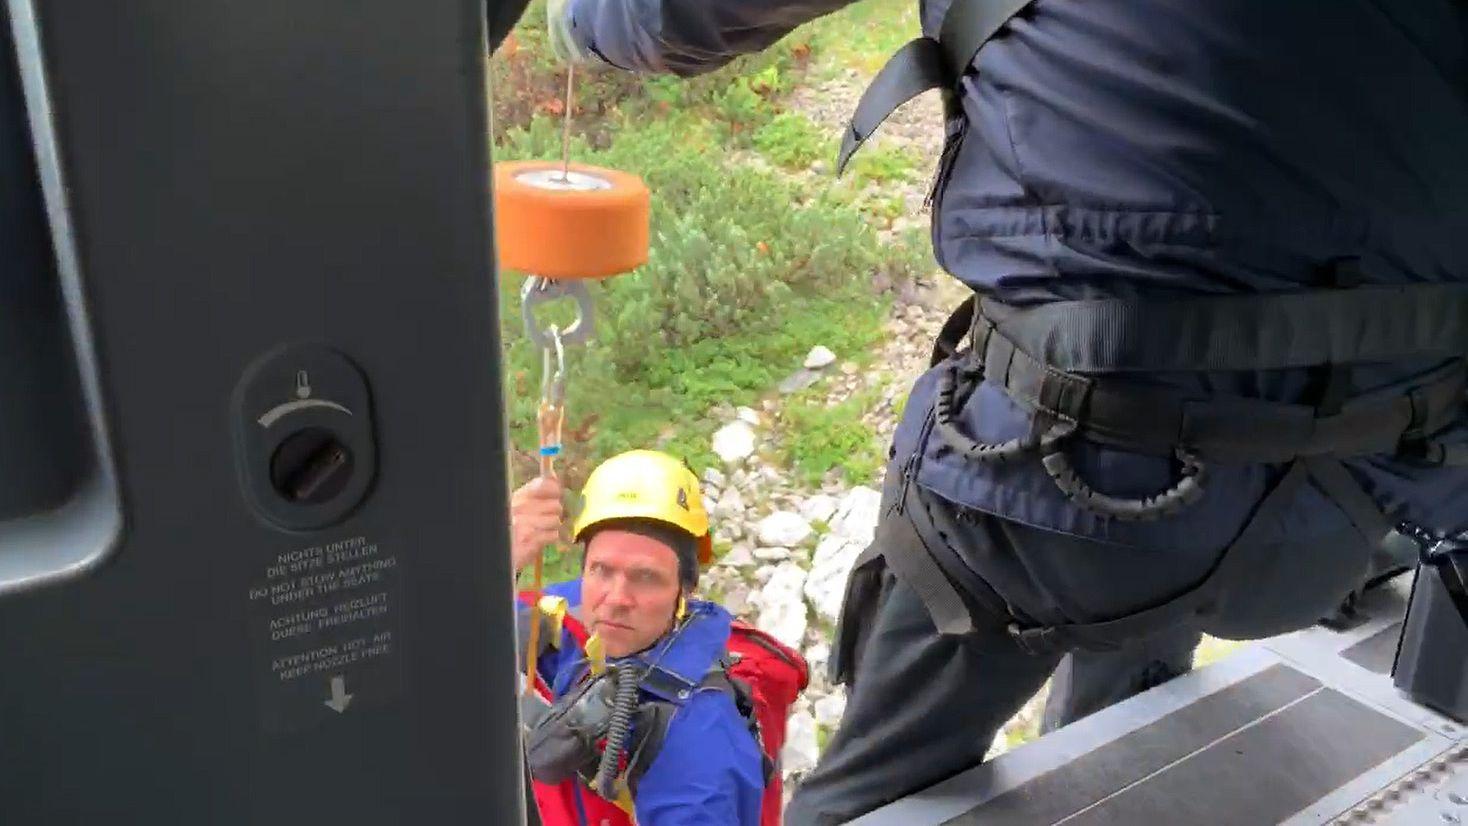 Blick aus dem Rettungshubschrauber wie ein Bergretter per Winde in den Helikopter gezogen wird